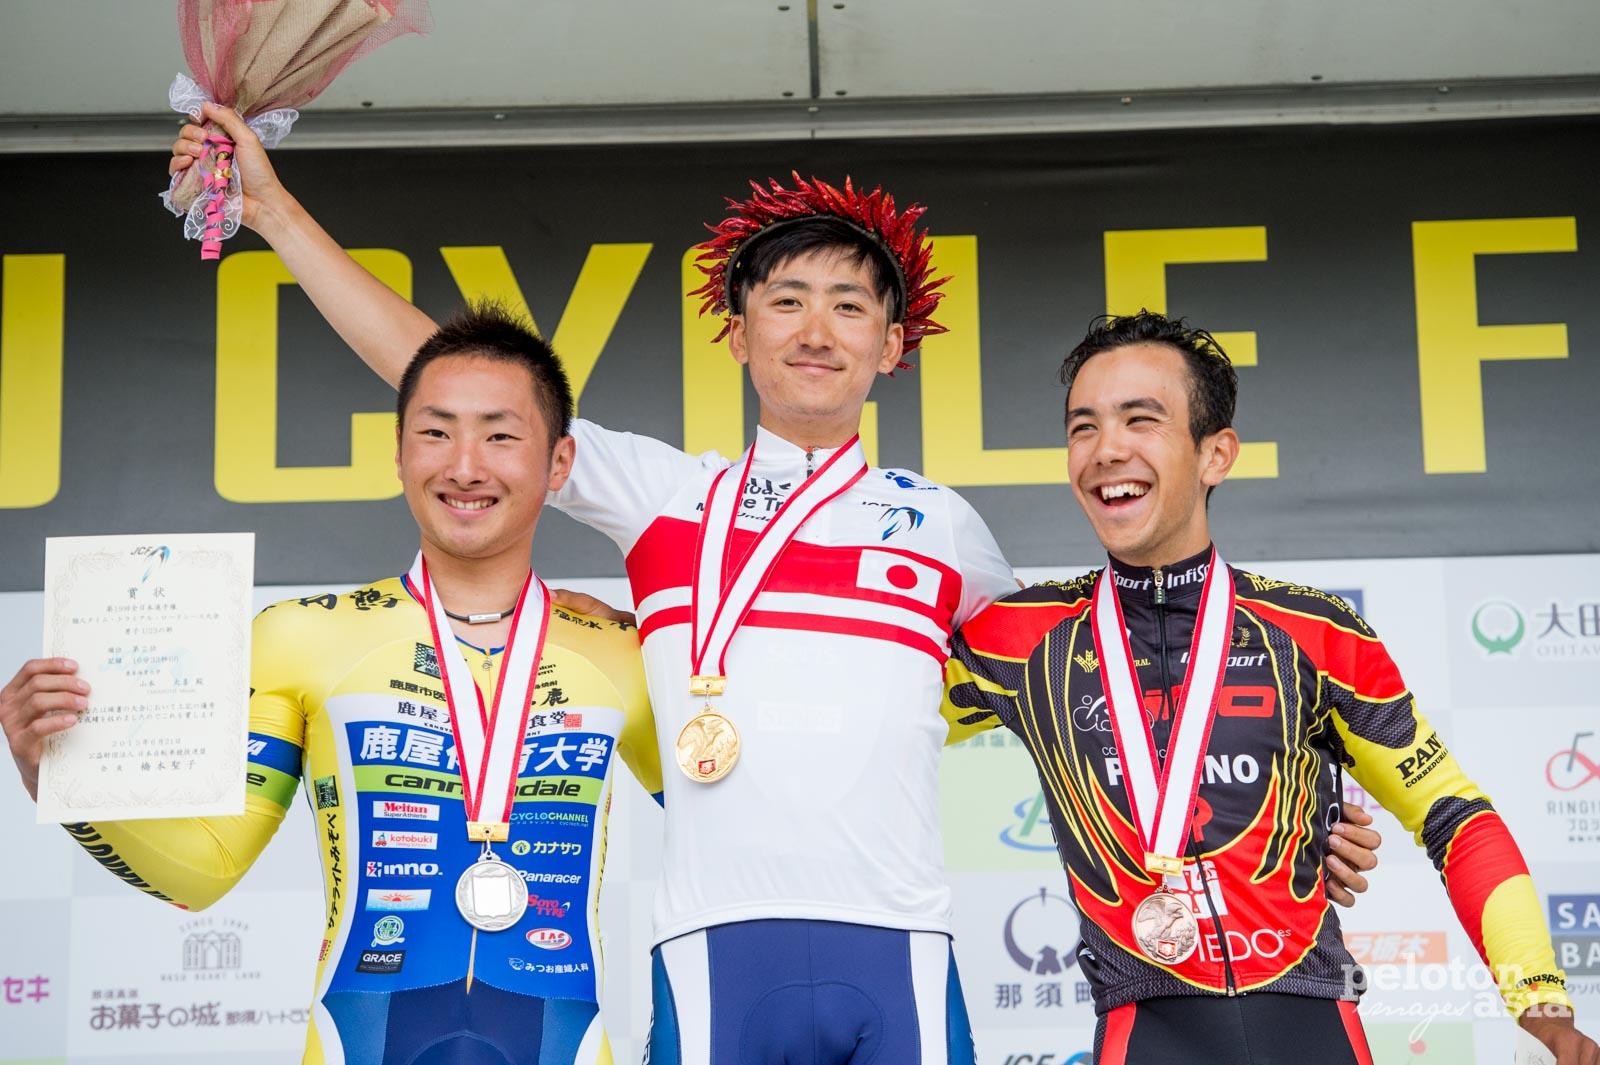 Ciclismo, Nippo-Vini Fantini preso nuovo corridore